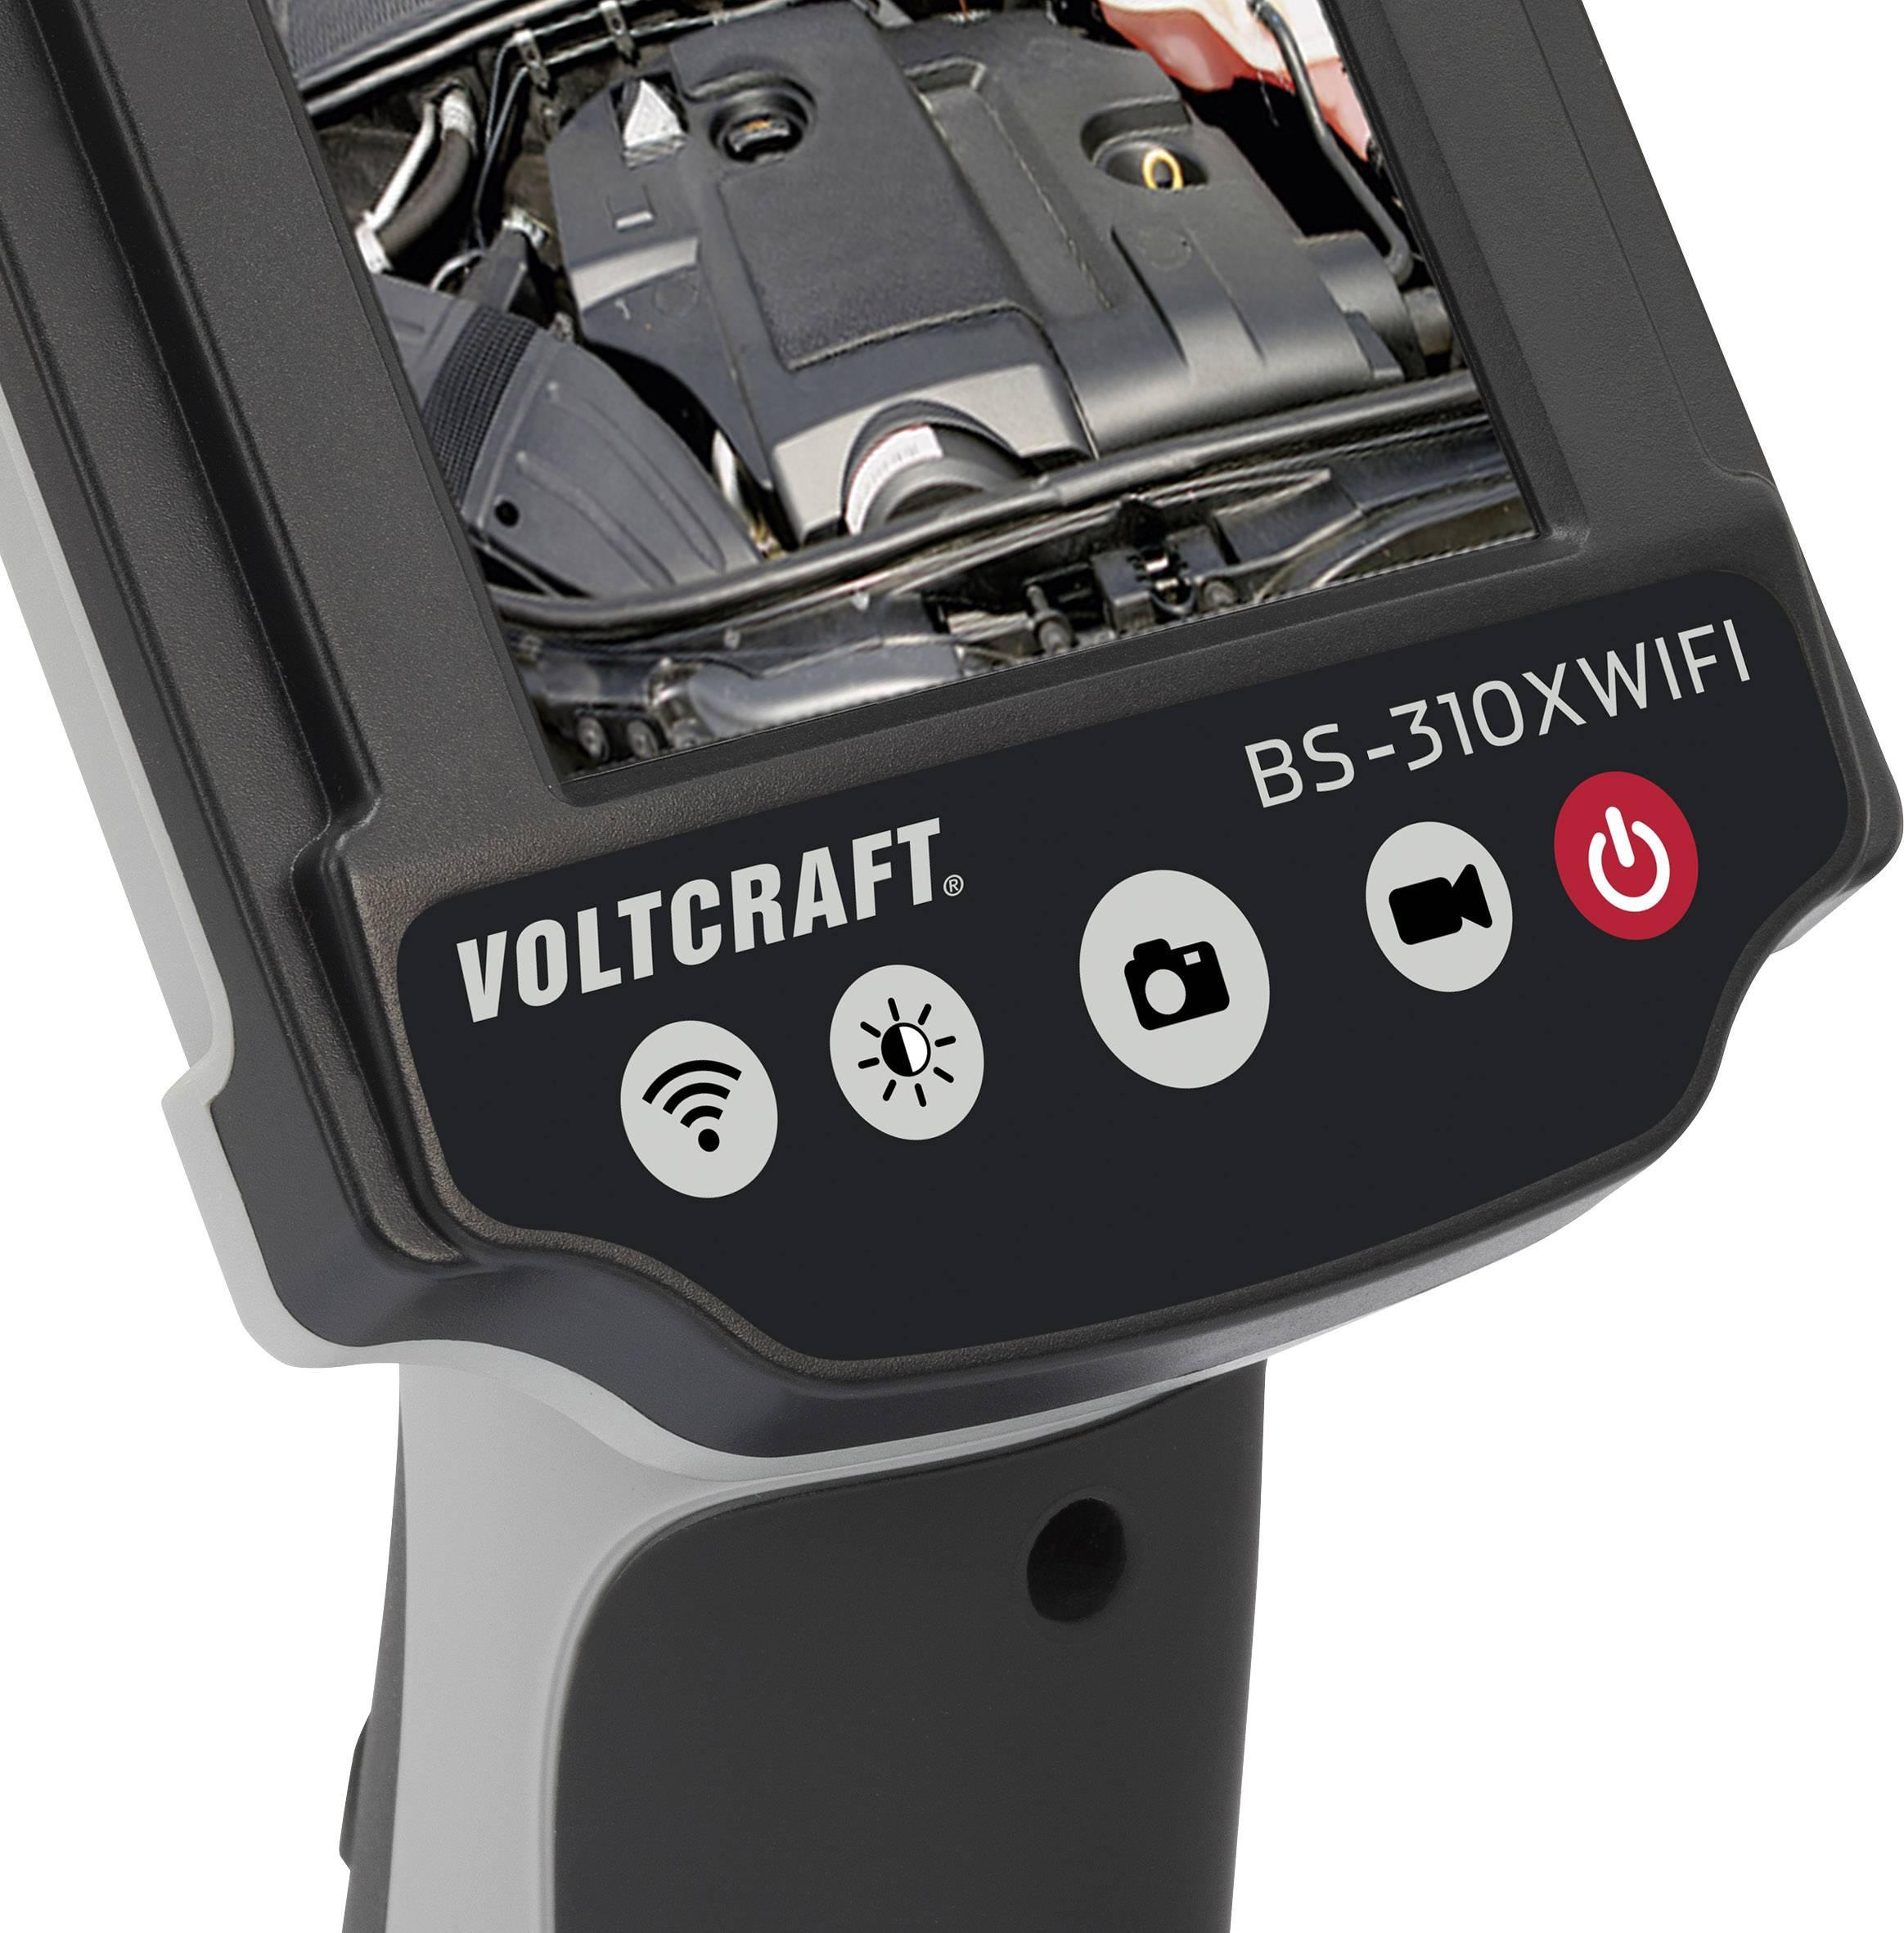 Endoskop VOLTCRAFT BS-310XWIFI, Ø sondy 8 mm, délka sondy 88 cm